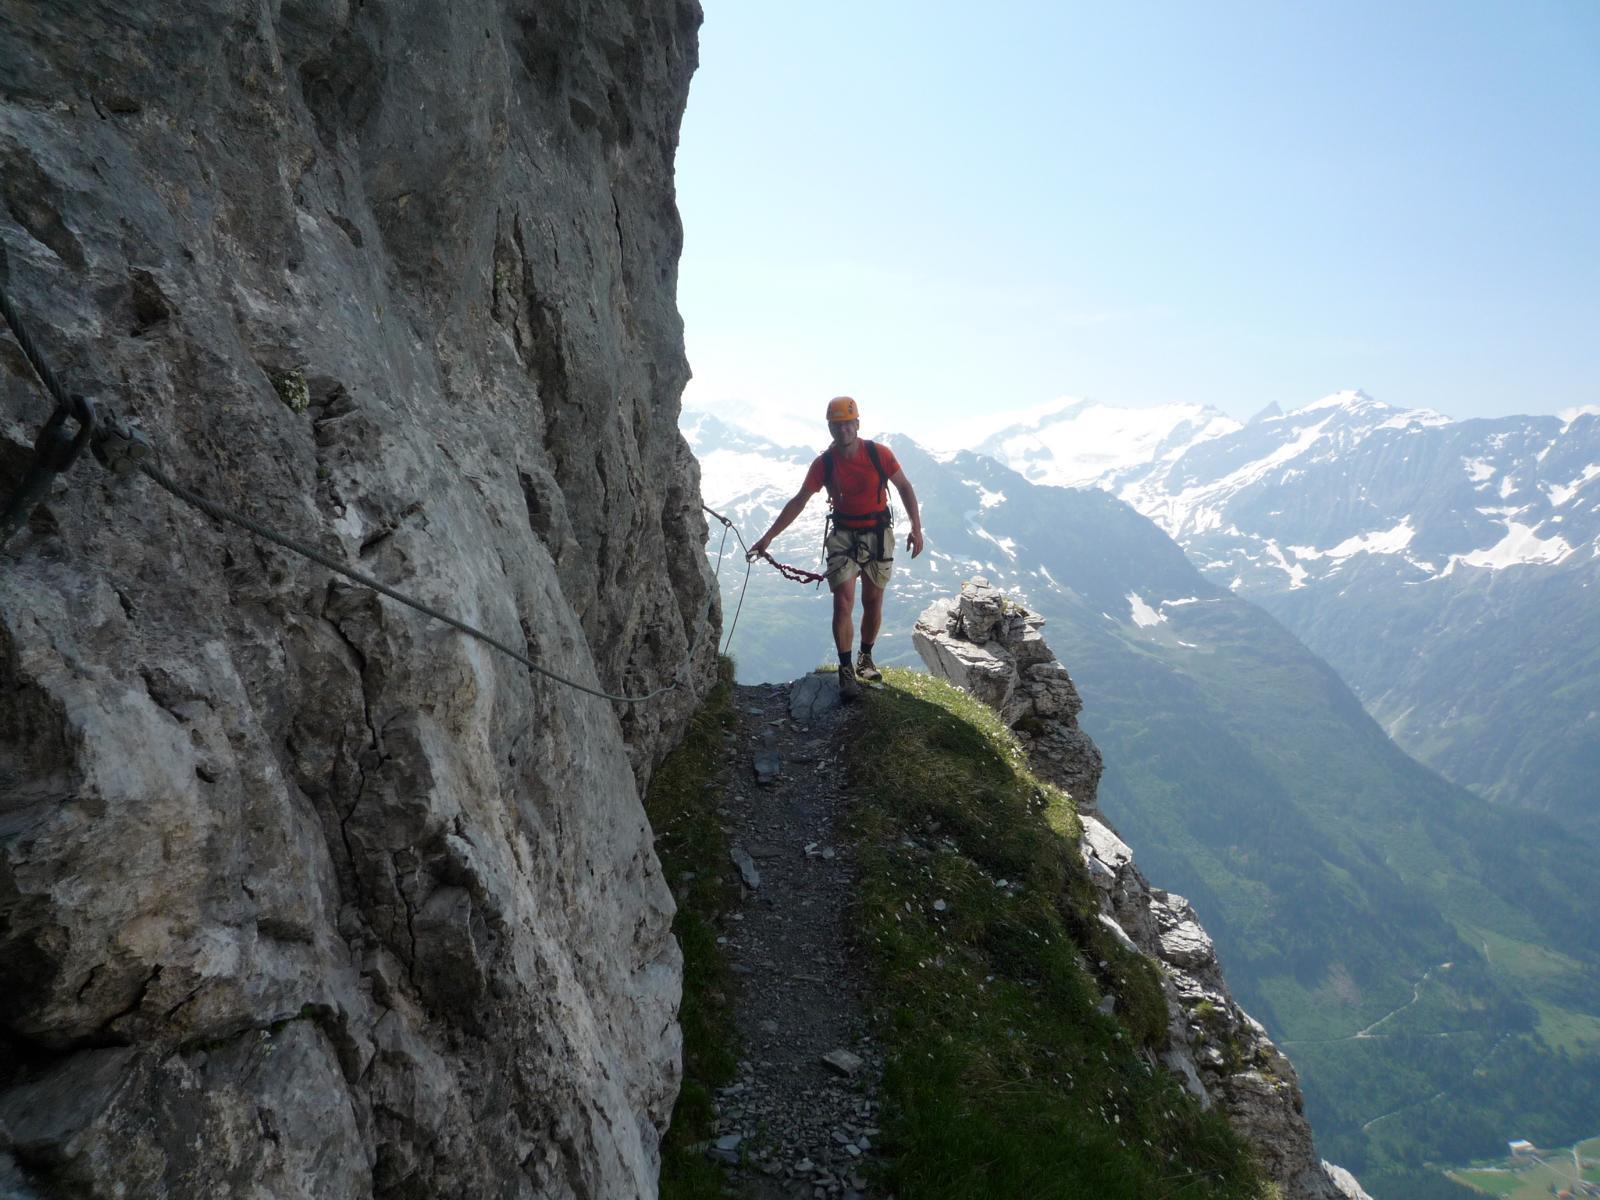 Klettersteig Bern : Tälli klettersteig bergsteigen